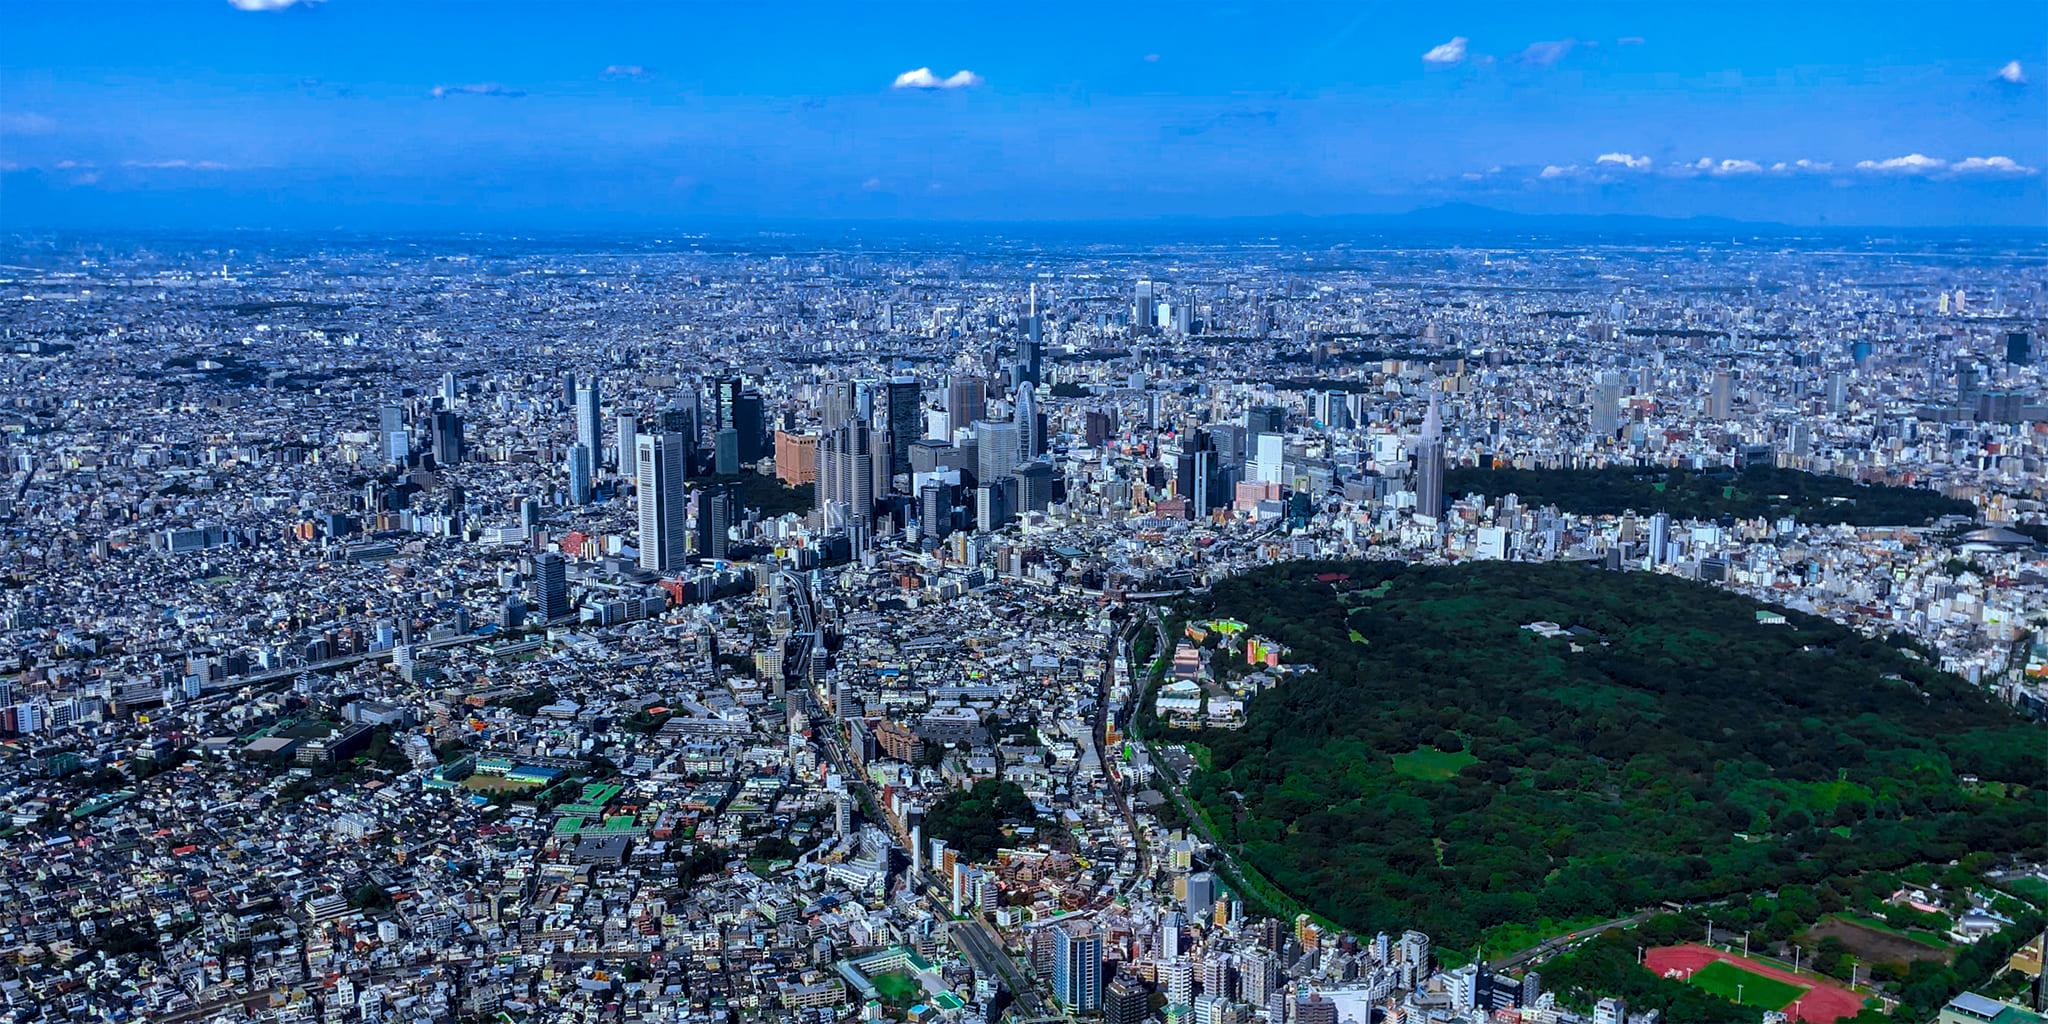 ヘリコプターで東京上空をフライトして見える新宿、代々木公園